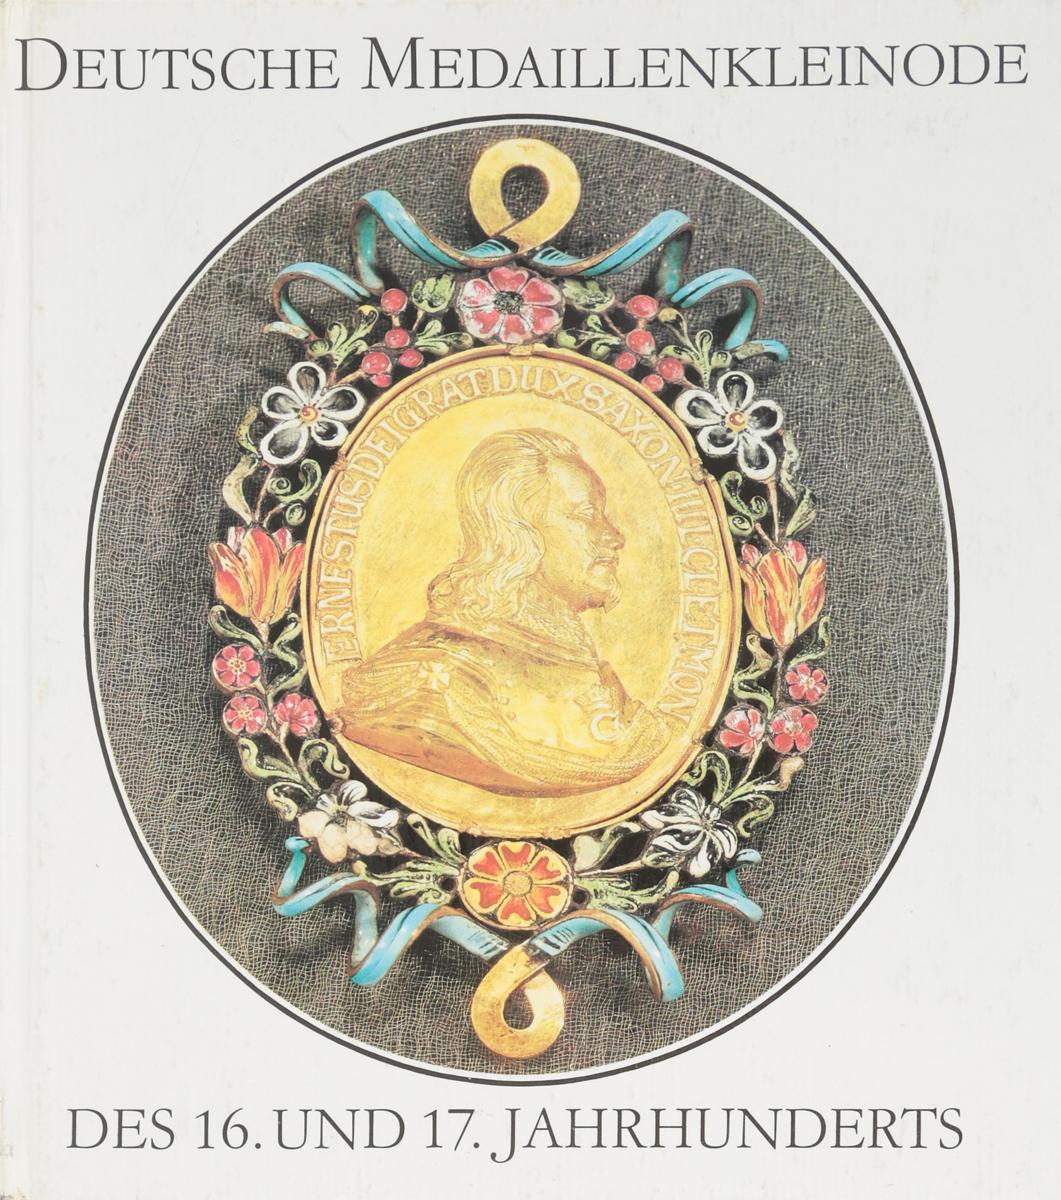 Deutsche Medaillenkleinode des. 16 und 17.jahrhunderts / Немецкие медали XVI-XVII вв.